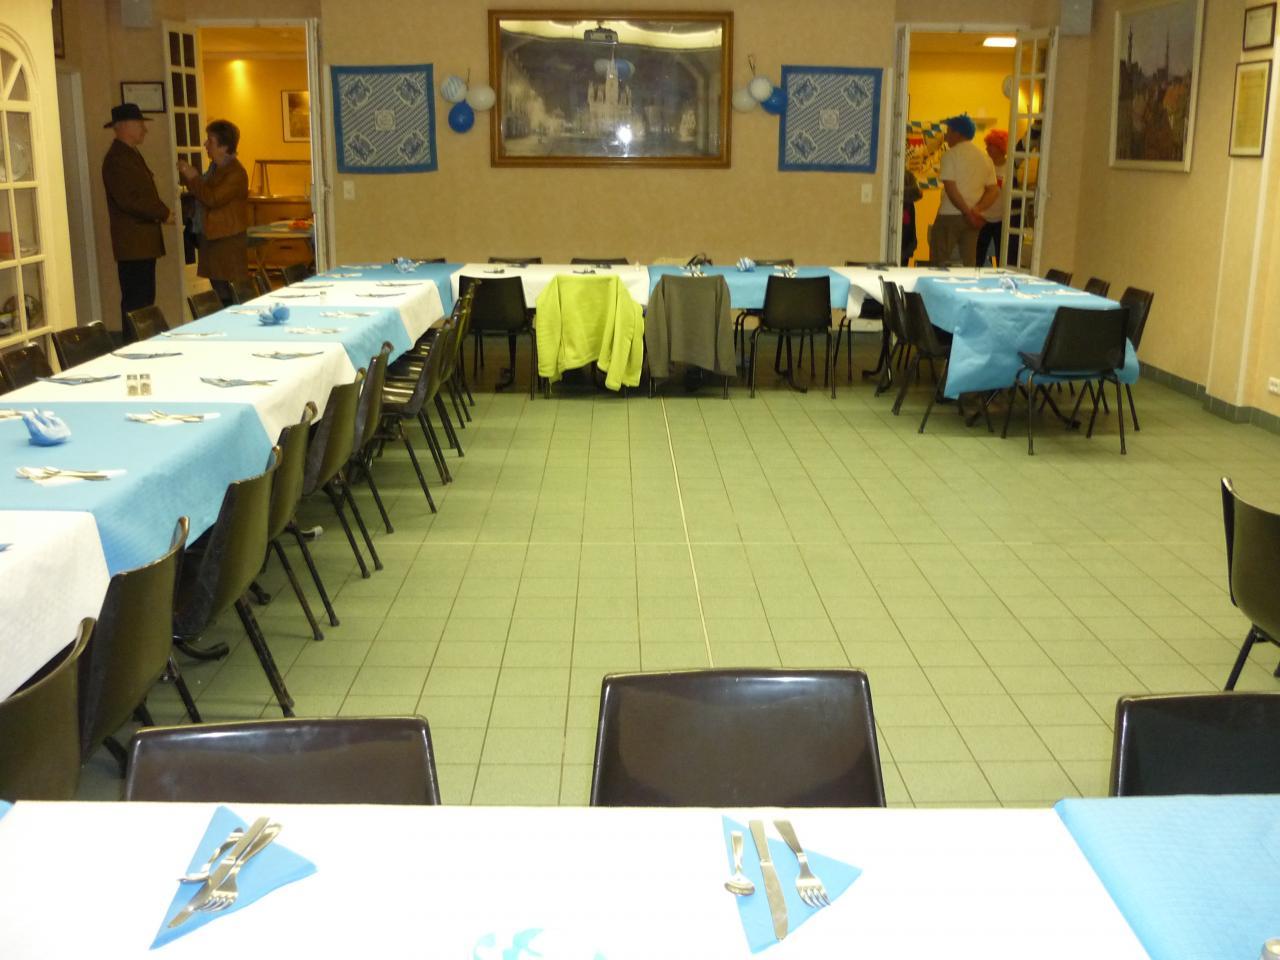 La salle décorée en blanc et bleu